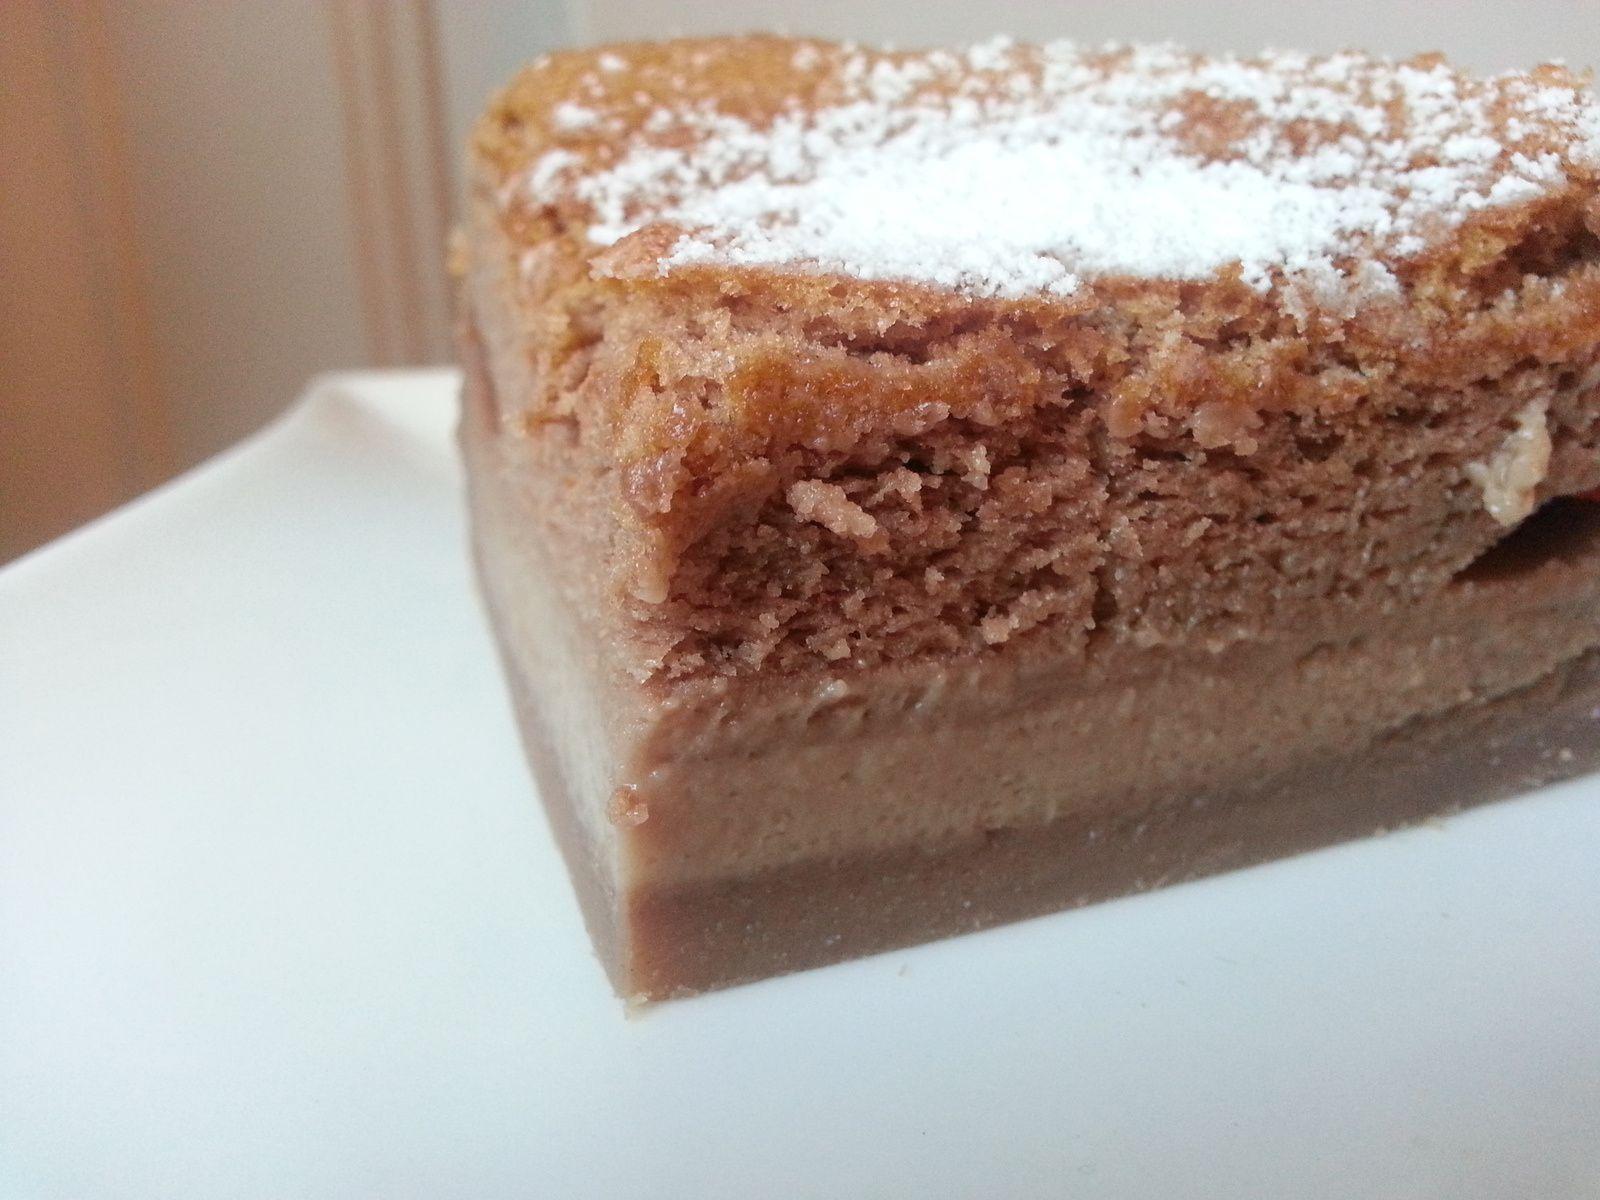 Le fameux gâteau magique, version Nutella!!